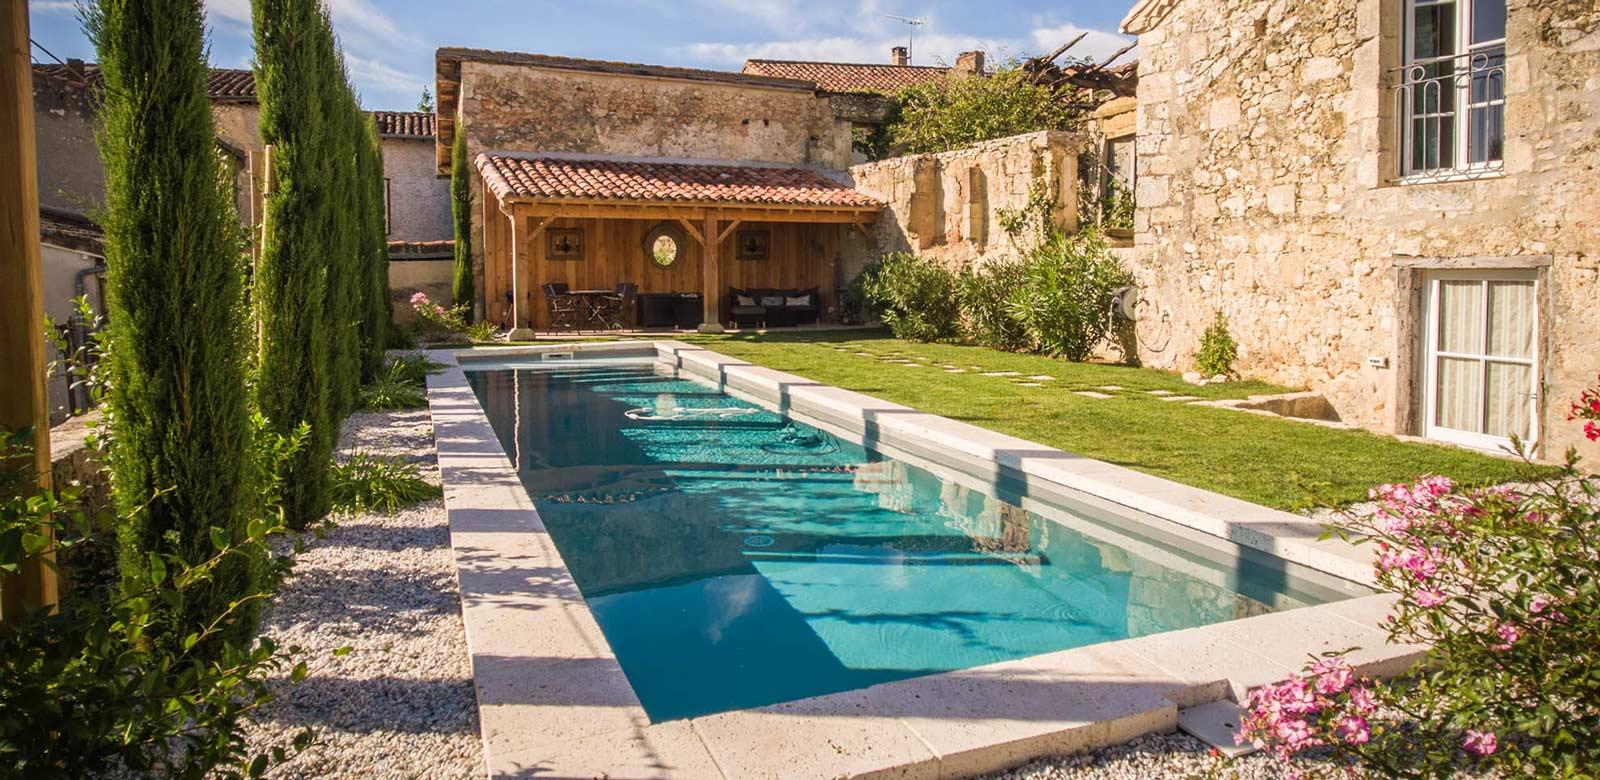 la-maison-d-aux-piscine2-la-romieu-chambres-hotes